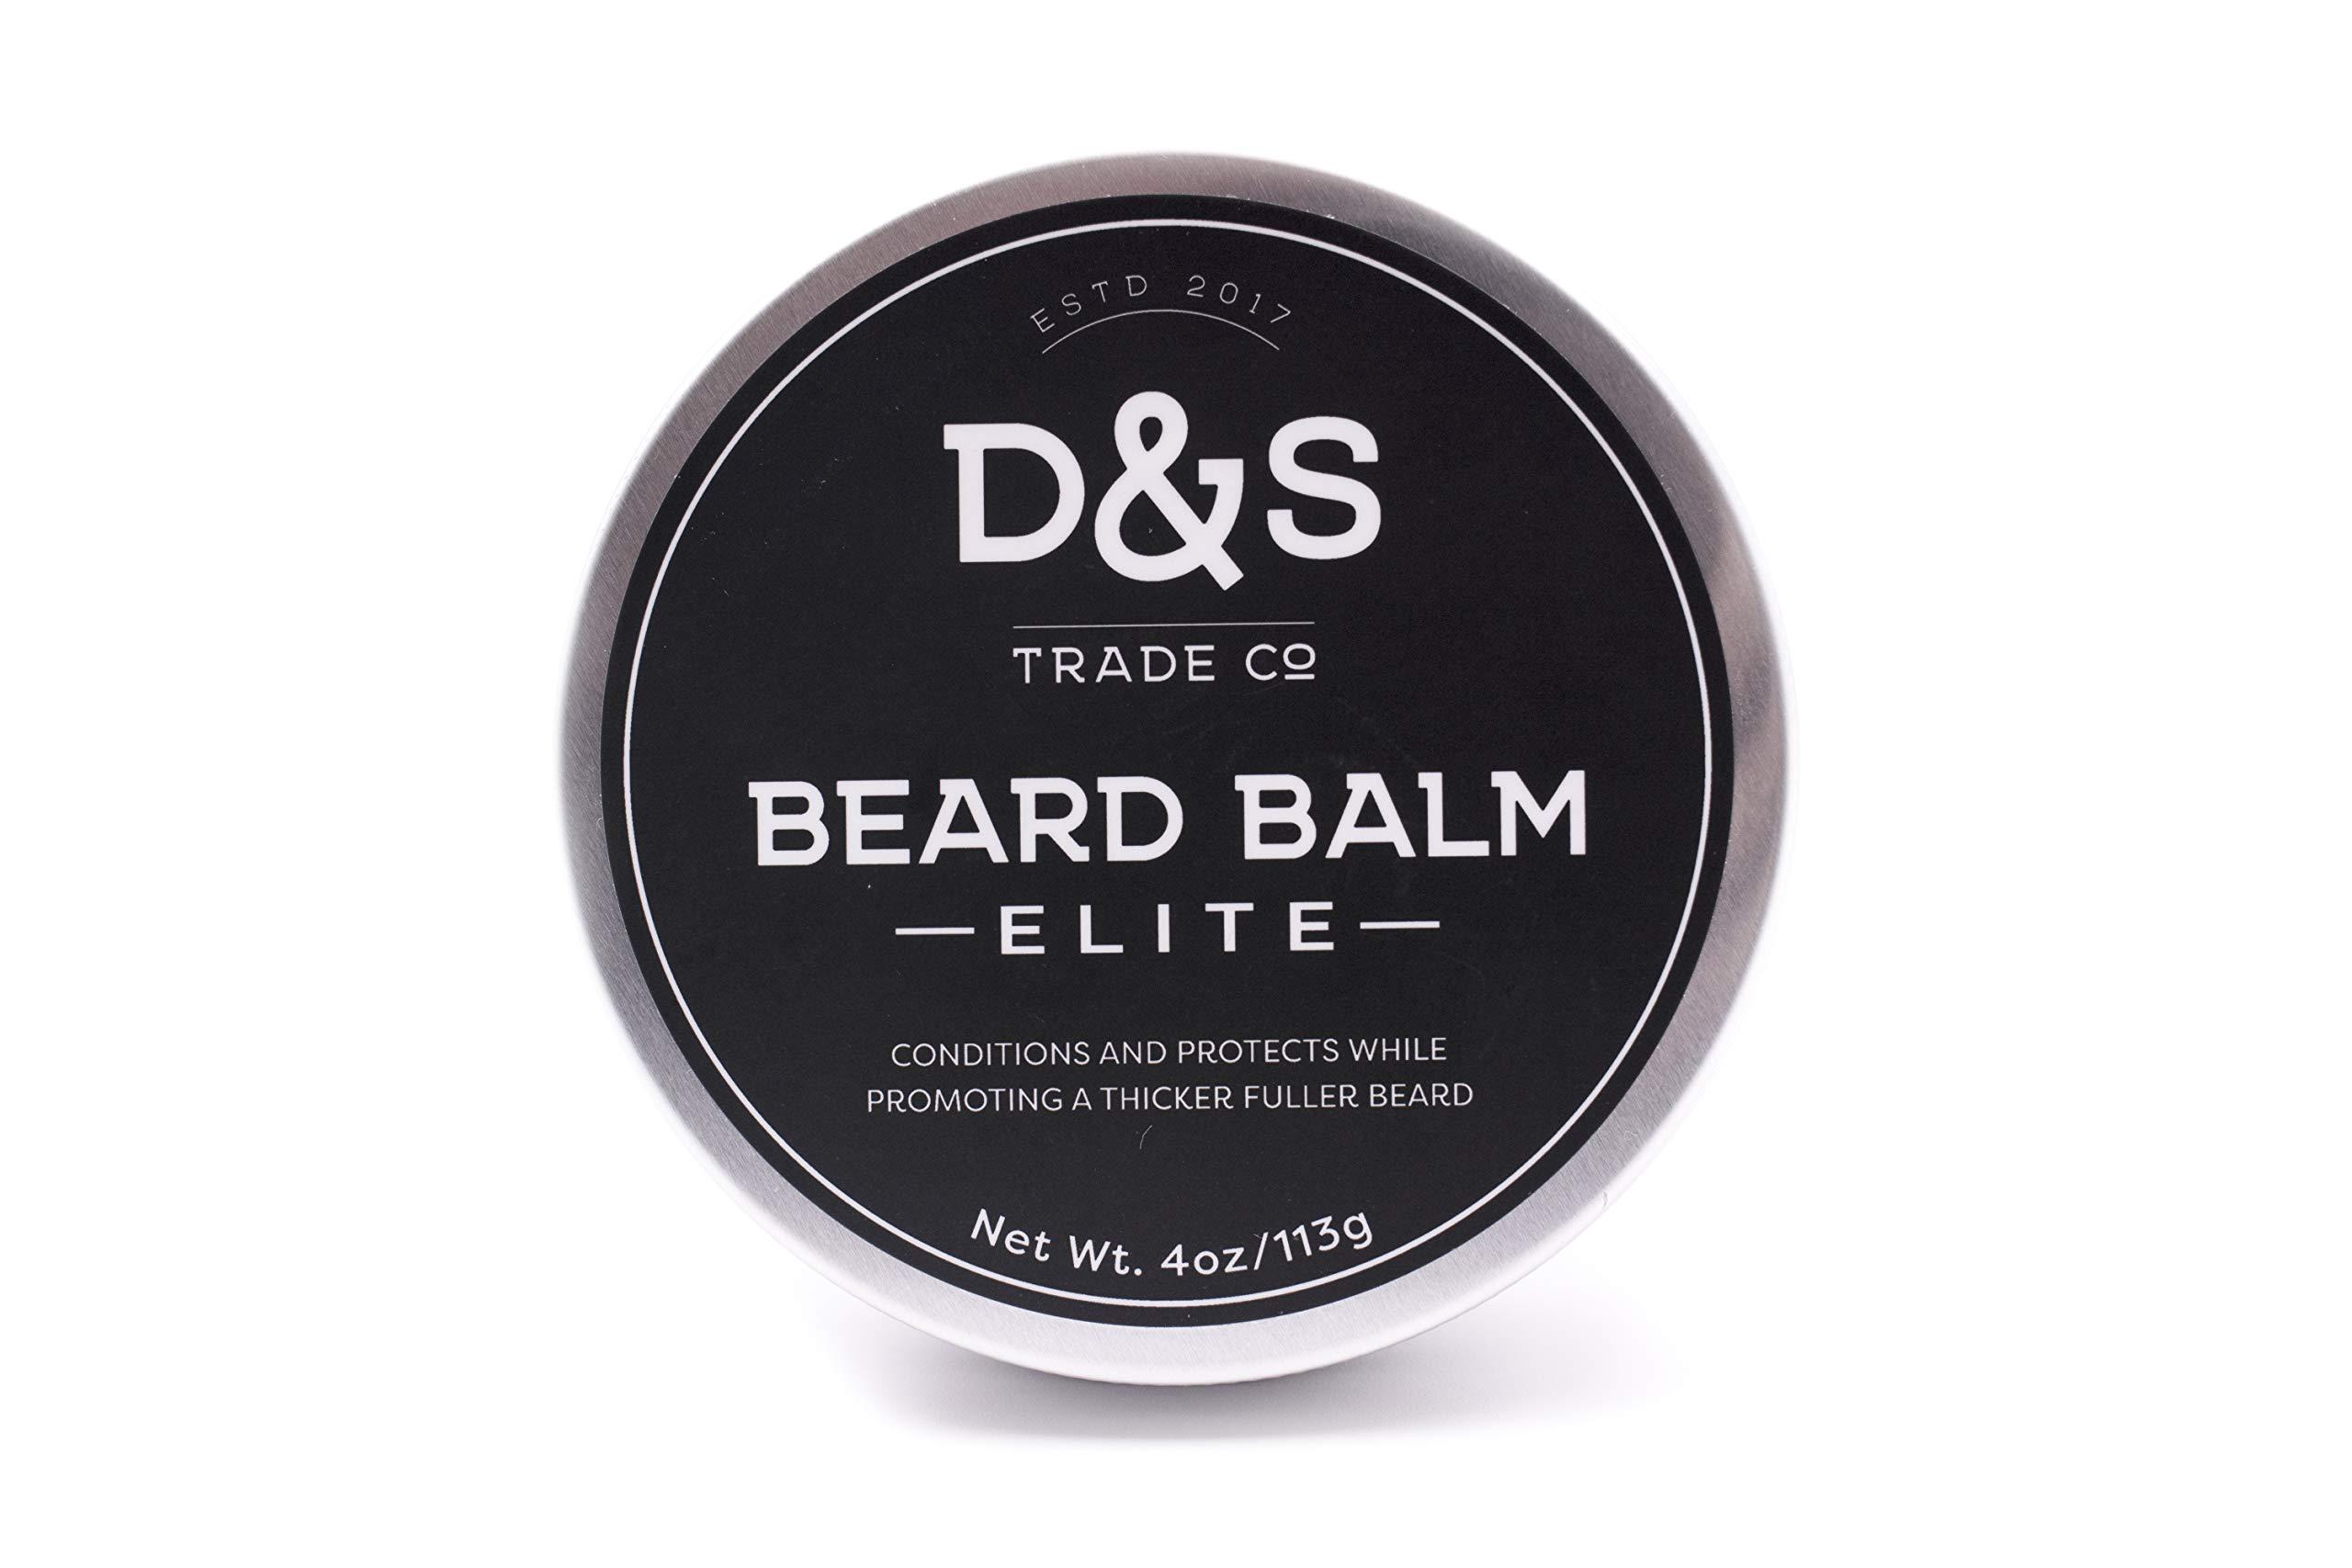 D&S Trade Co - Beard Balm (Elite, 4oz)